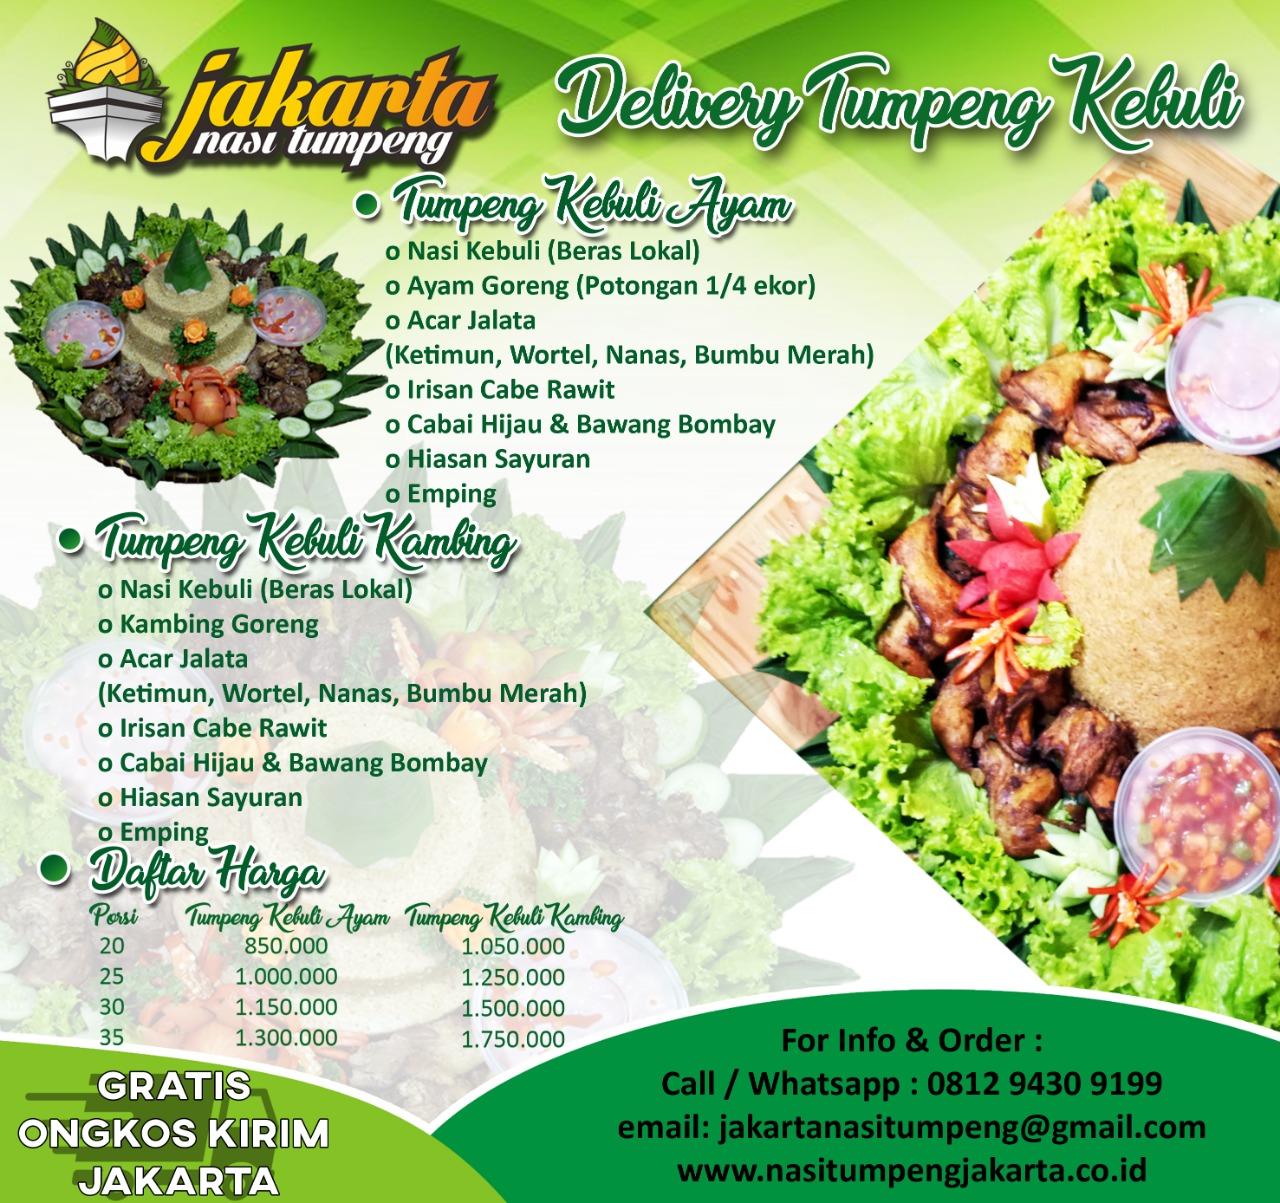 Tumpeng Kebuli Jakarta